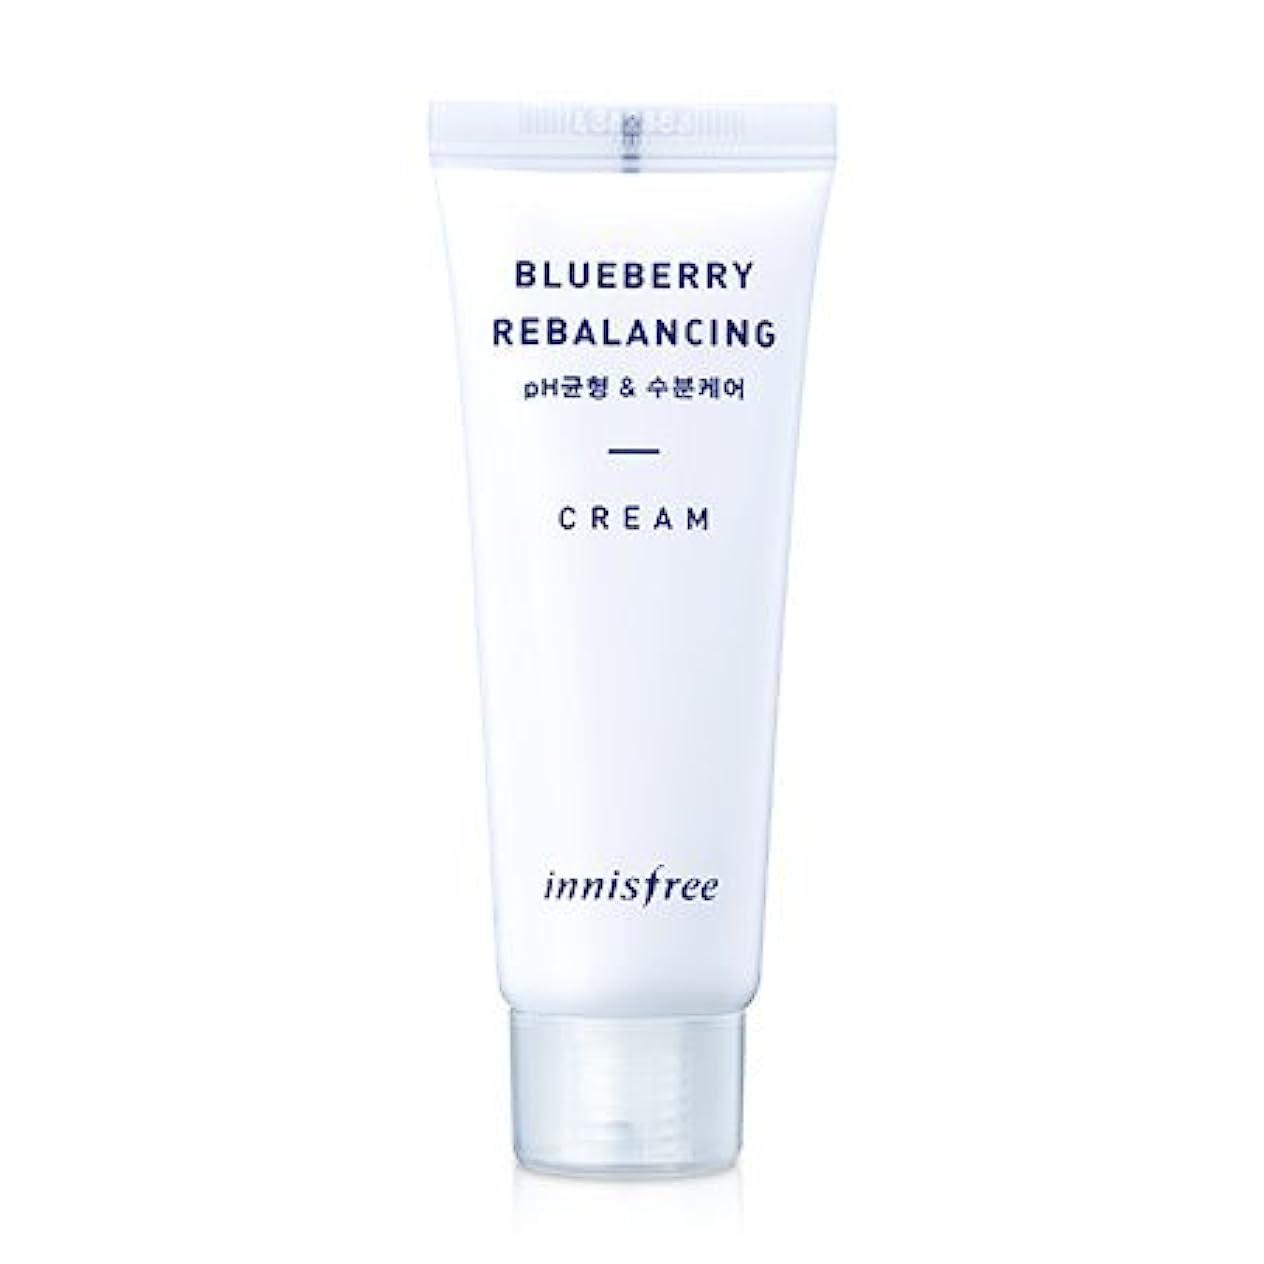 幾分血まみれ万歳[innisfree(イニスフリー)] Super food_ Blueberry rebalancing cream (50ml) スーパーフード_ブルーベリーリベルロンシンクリーム[並行輸入品][海外直送品]